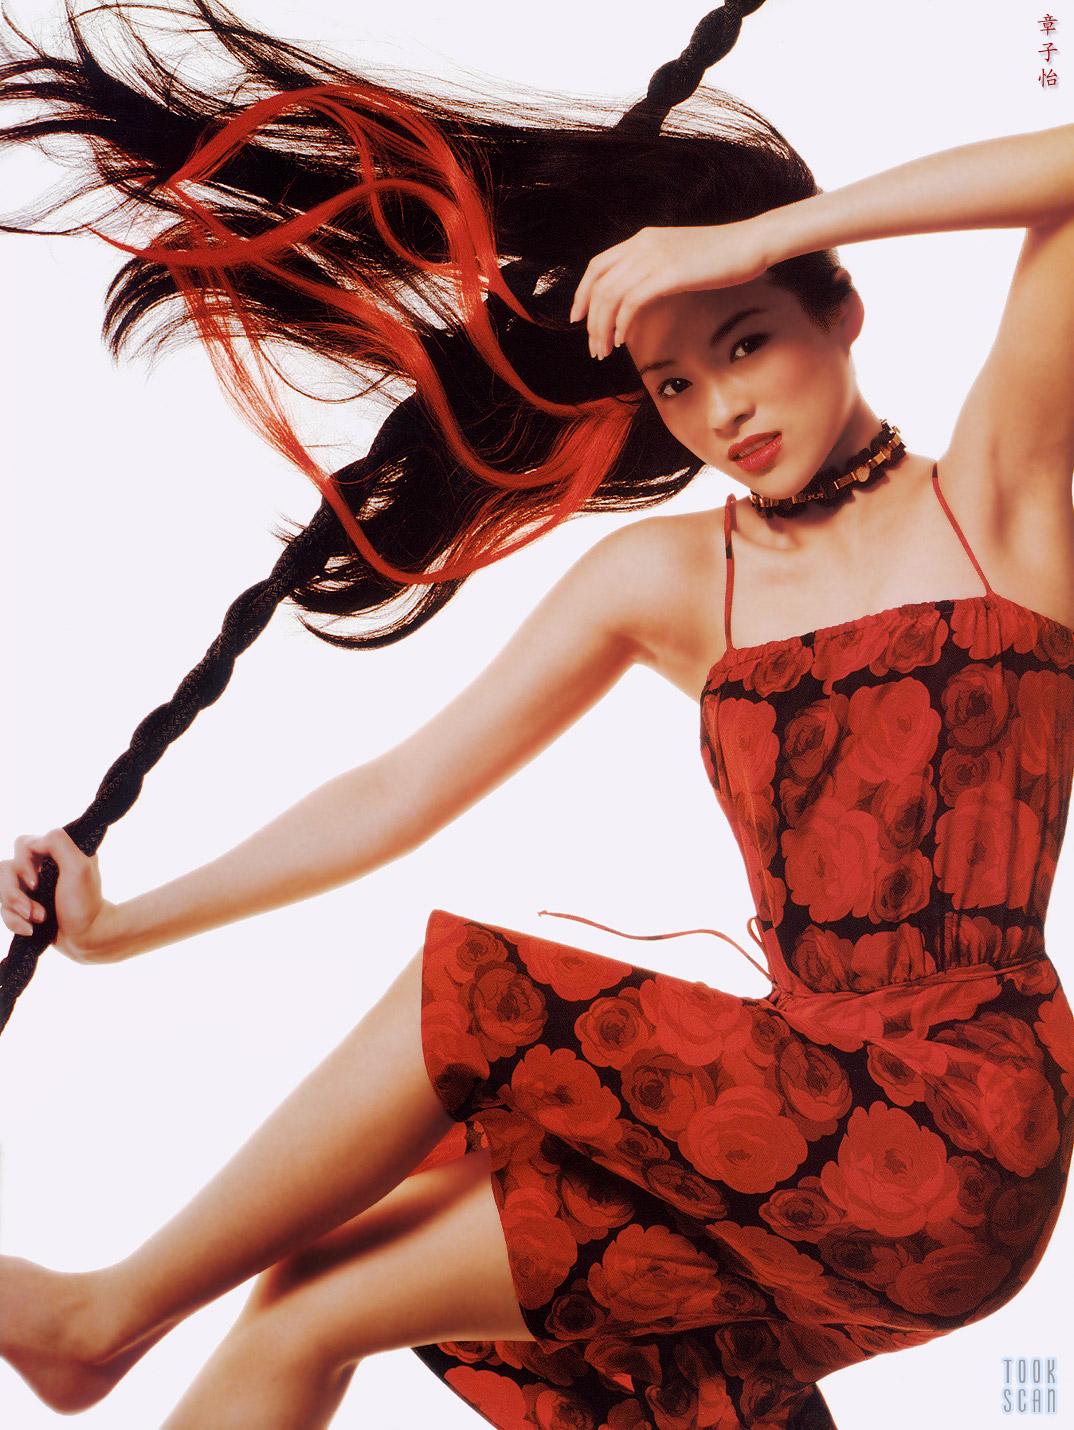 http://4.bp.blogspot.com/-eq2lOY0ftW8/TmSB7KUswYI/AAAAAAAAAAY/8TPj8AC-5EI/s1600/Ziyi-Zhang-Hot-Pics-Corner-+%25281%2529.jpg